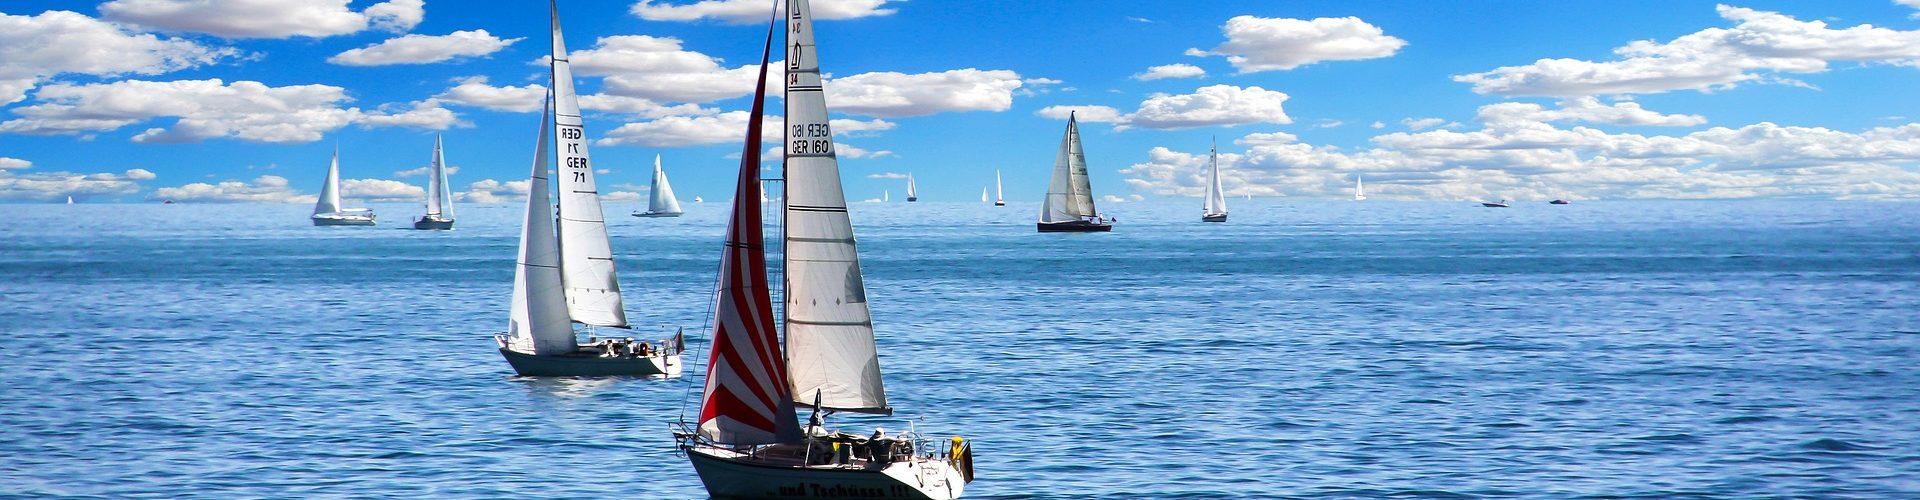 segeln lernen in Varel Langendamm segelschein machen in Varel Langendamm 1920x500 - Segeln lernen in Varel Langendamm